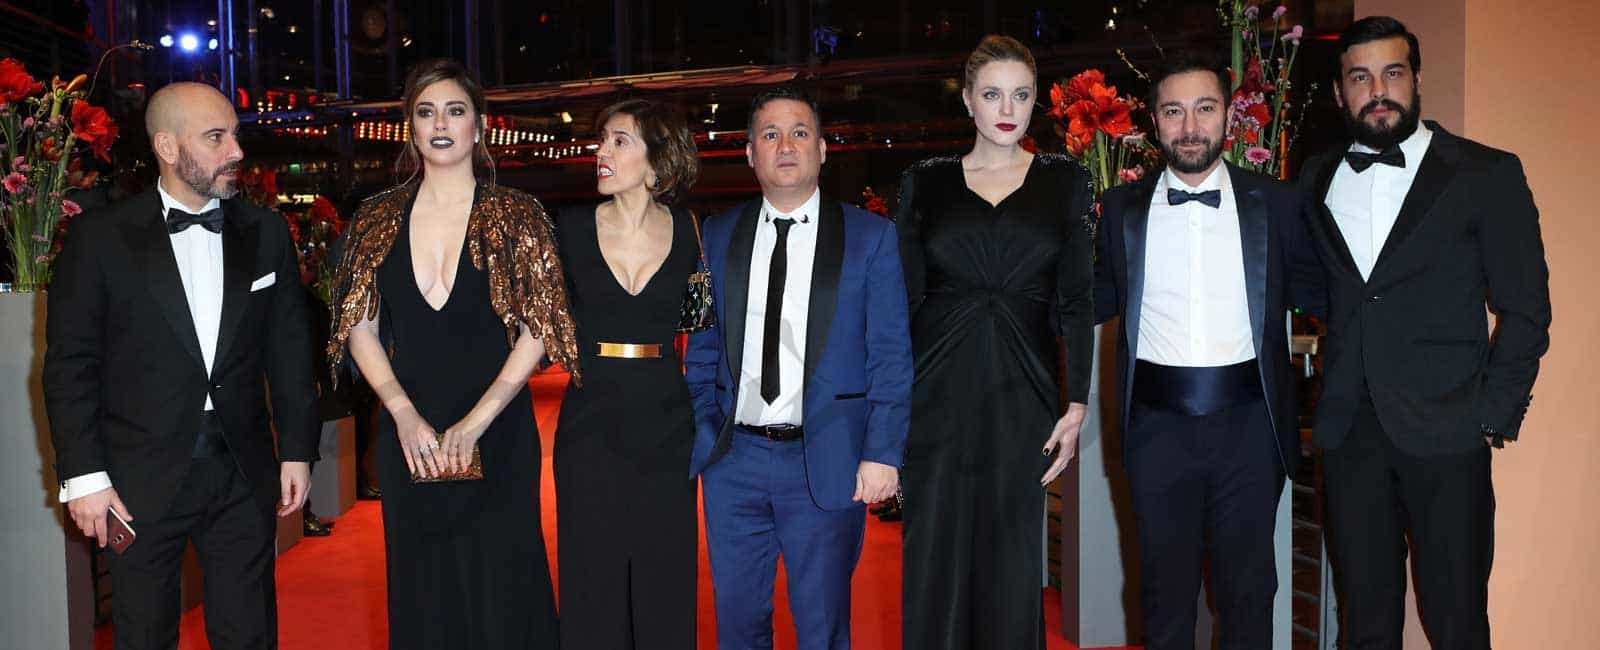 Blanca Suárez y Mario Casas llevan «El Bar» de Álex de la Iglesia a La Berlinale